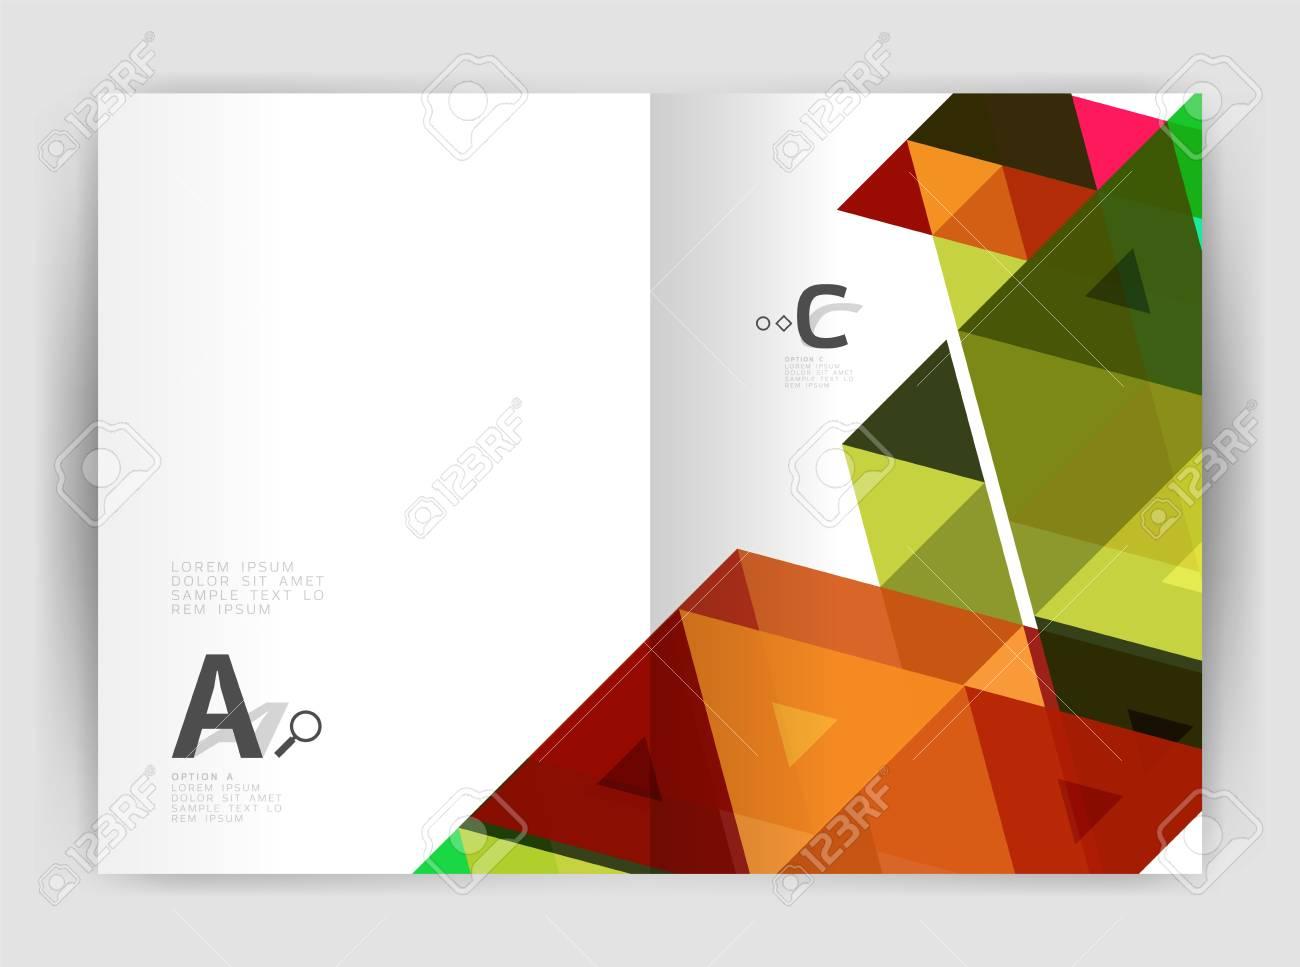 Berühmt Pyramidenschablonen Druckbar Fotos - Beispiel Anschreiben ...